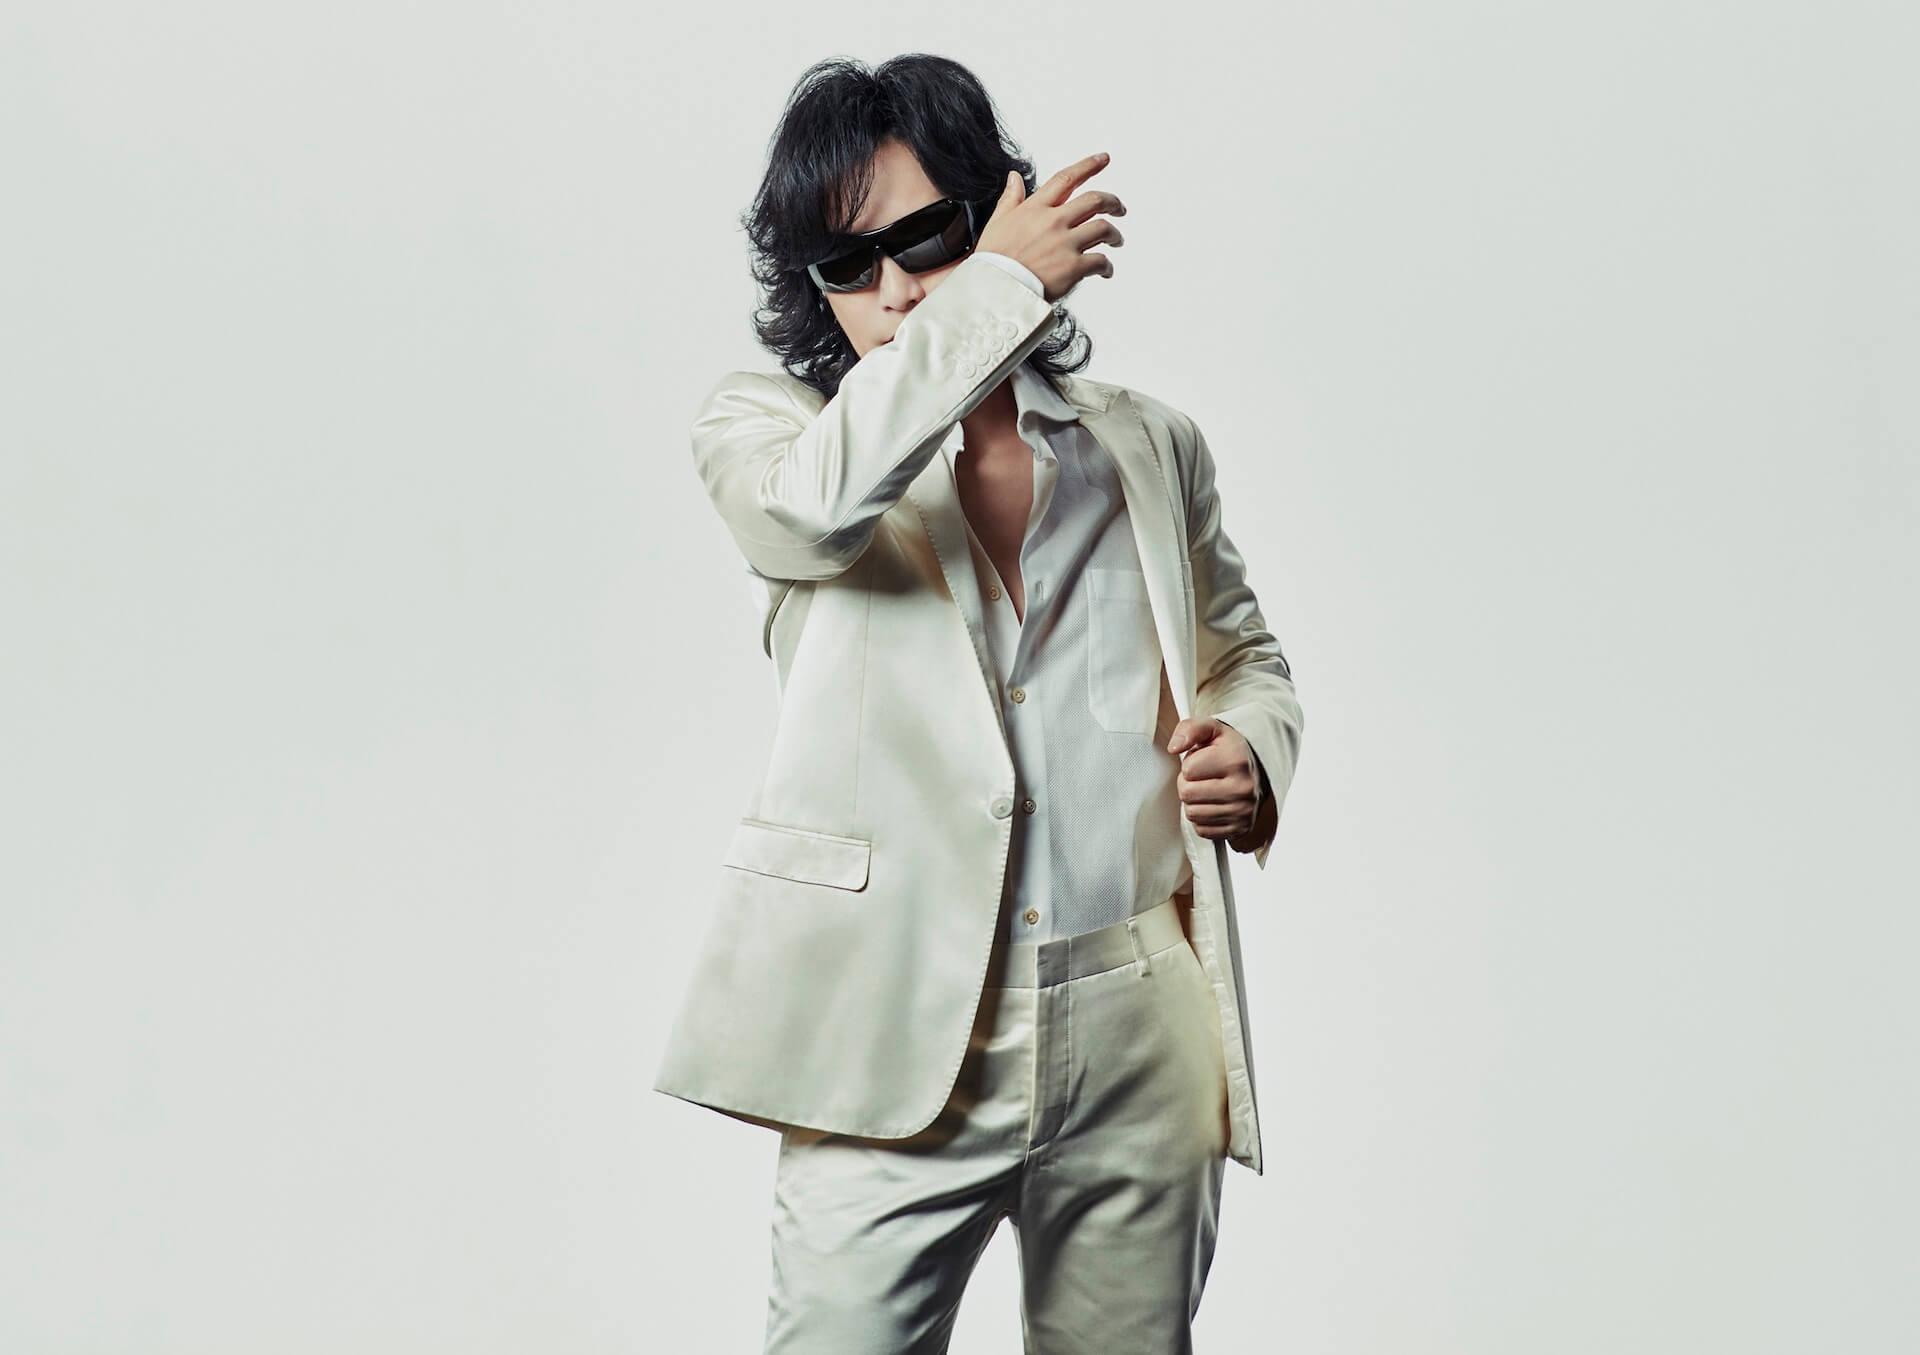 X JAPAN・Toshl、大ヒットカバーアルバム第2弾『IM A SINGER VOL.2』リリース決定! music191009_toshi_main